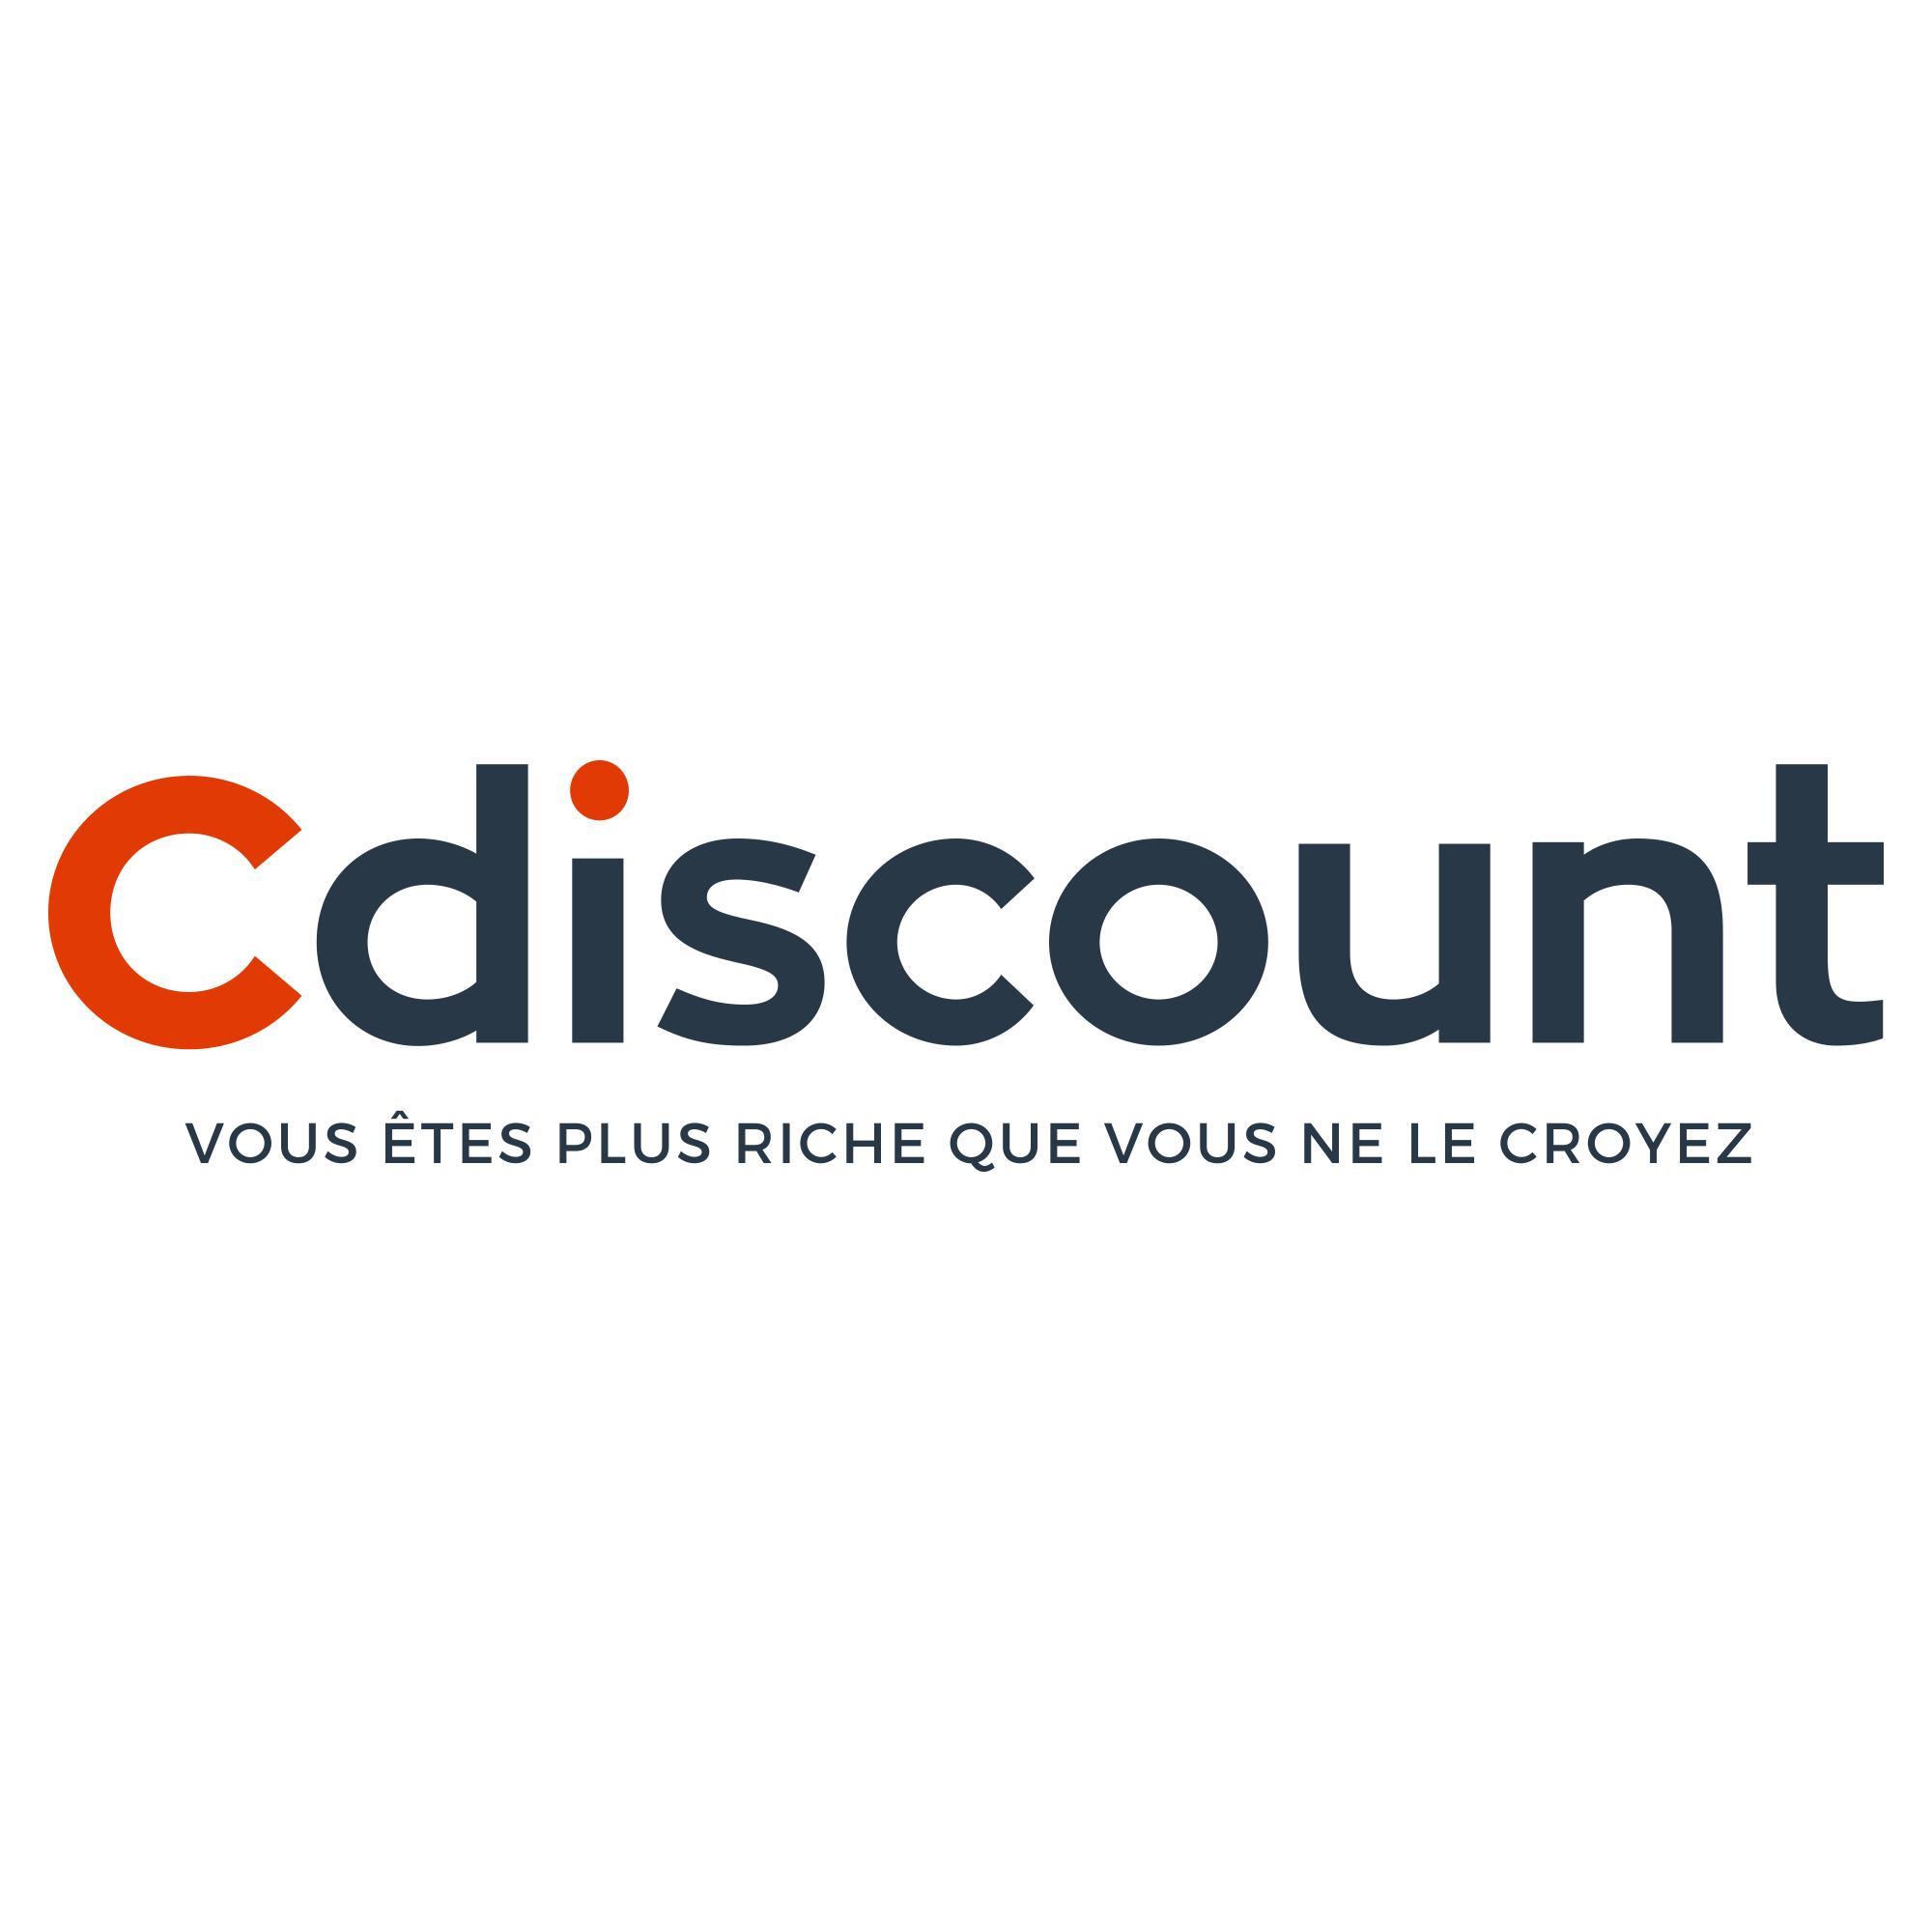 [Jusqu' à 23h] 10€ de réduction dès 75€ d'achat, 20€ de réduction dès 125€ et 30€ de réduction dès 175€ (hors exceptions)